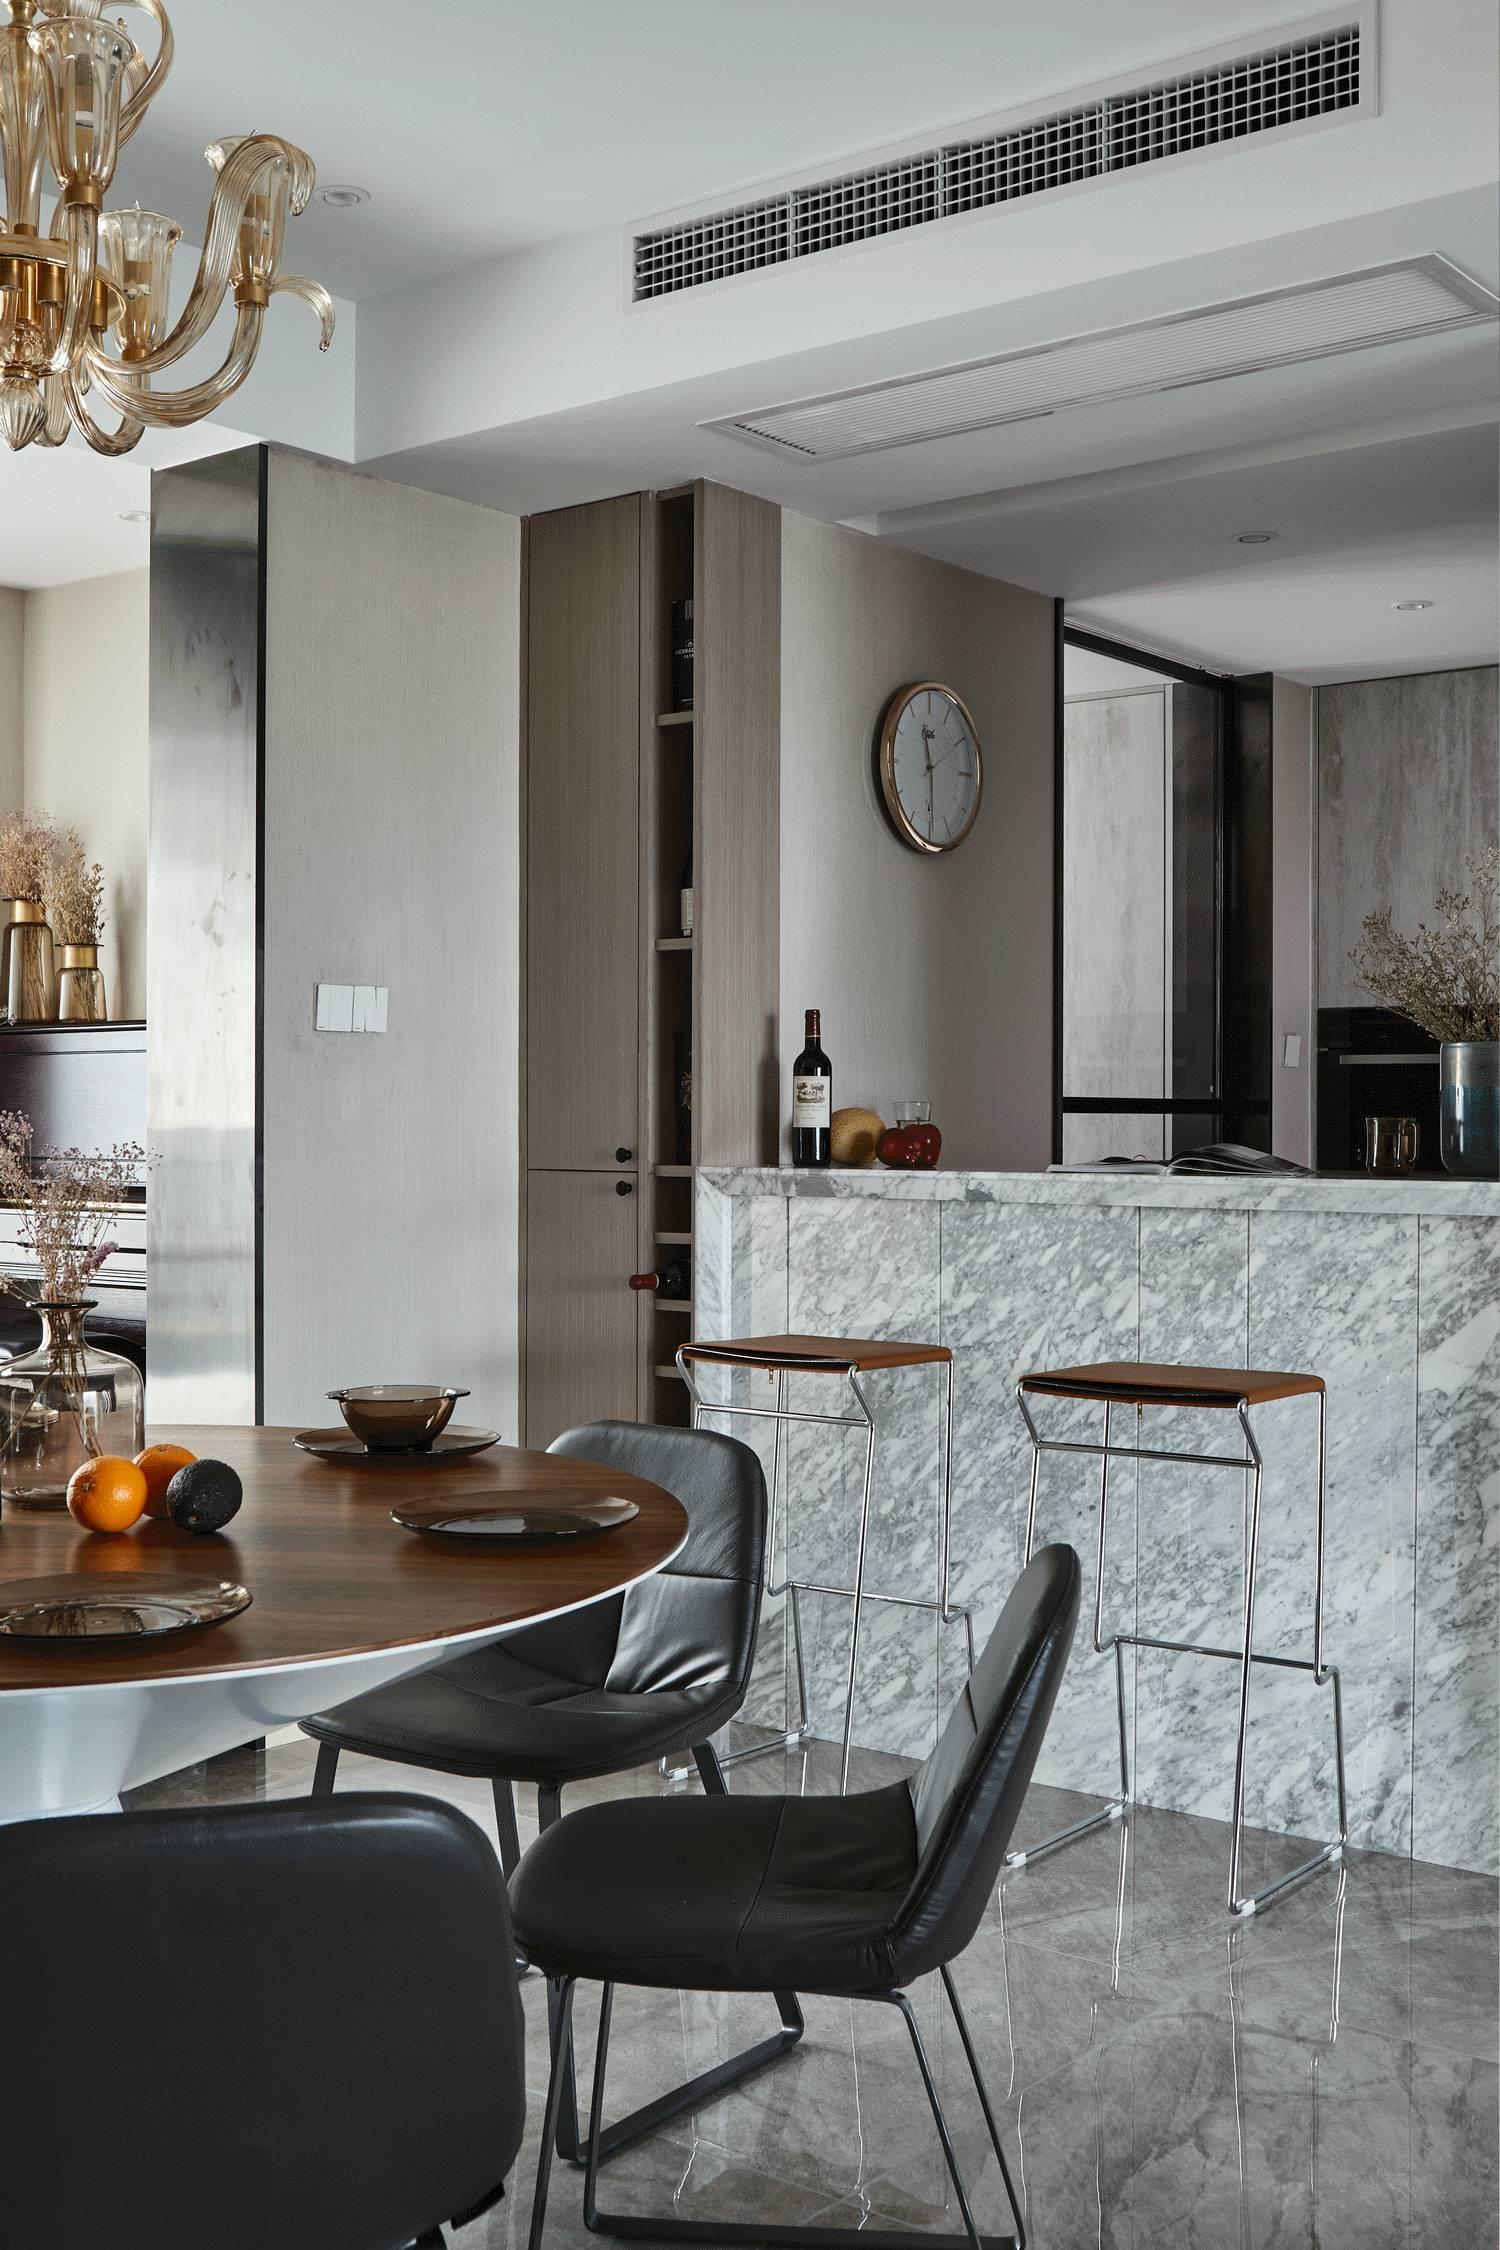 复式现代混搭风装修餐厅吧台设计